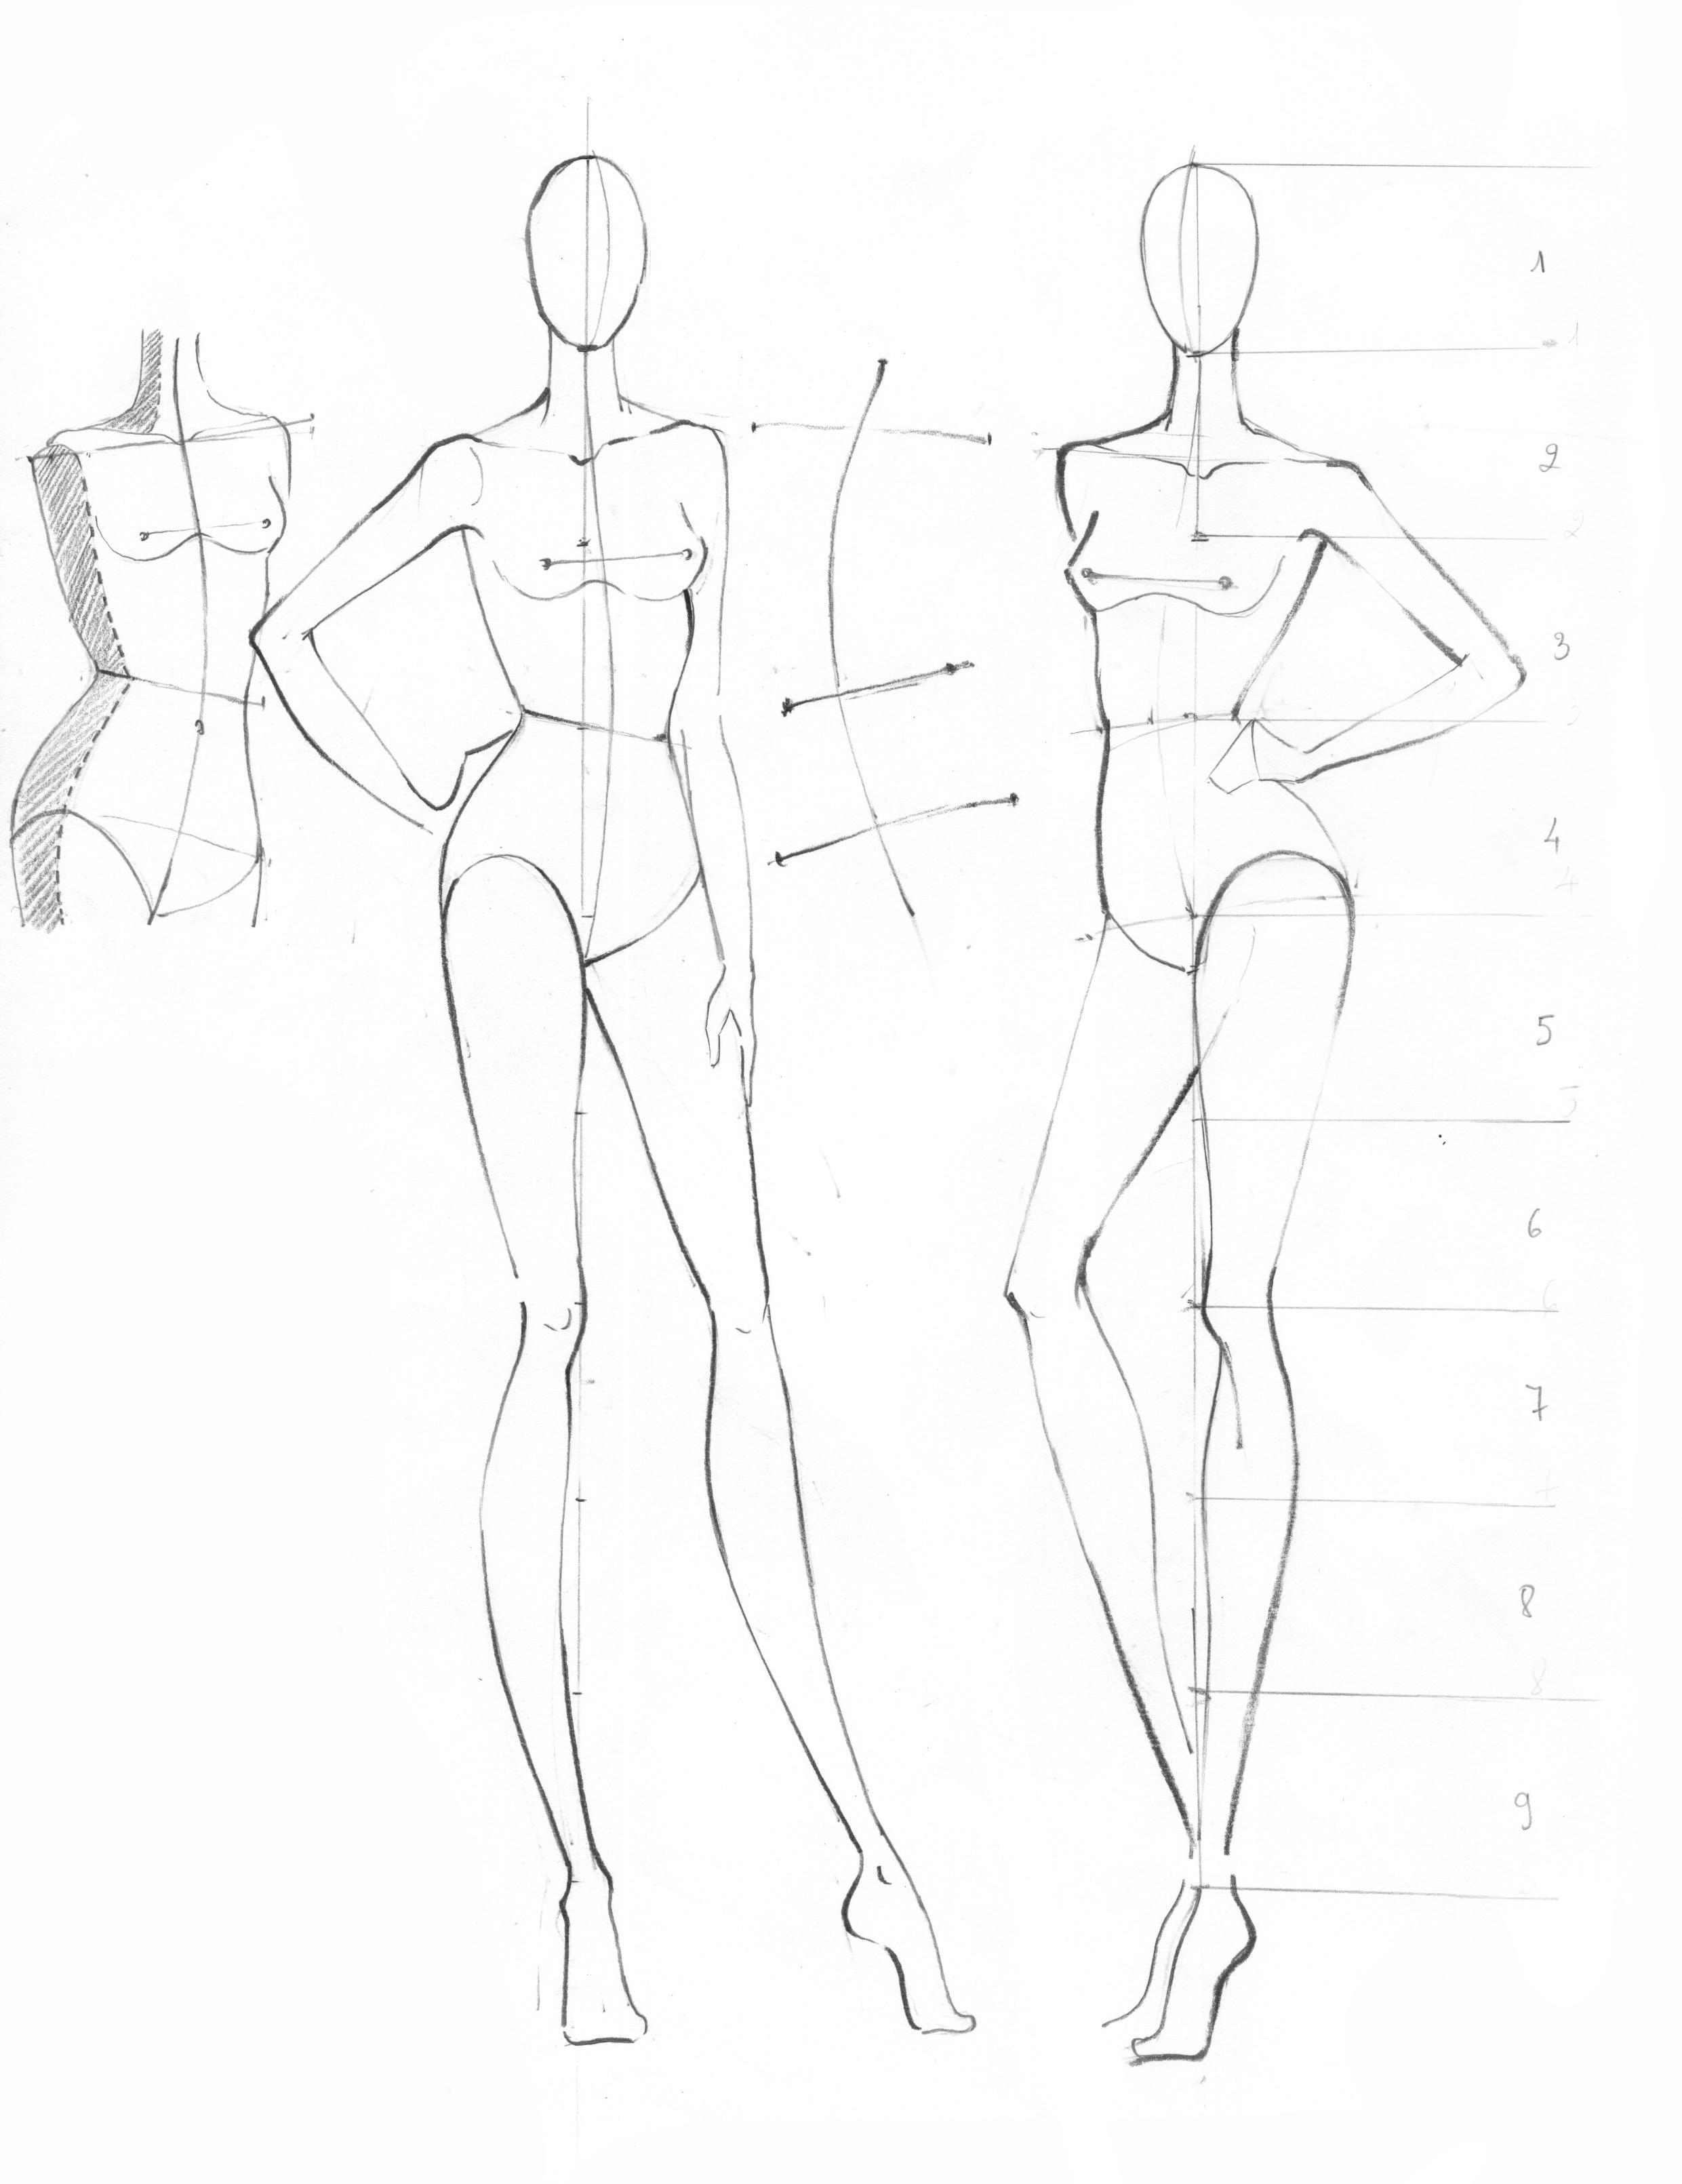 Buổi 2 : Cách vẽ tư thế (poses) - + Hiểu sự khác biệt giữa dáng tĩnh và dáng động+ Học cách chọn tư thế theo hoàn cảnh phù hợp+ Cách vẽ dáng để gây sự chú ý của người xem+ Cách vẽ tư thế theo góc nhìn trước (front view), góc nhìn sau (back view), góc nhìn cạnh (side view), và góc 3/4 (3/4 view)+ Áp dụng cấu trúc cơ thể người vào vẽ tư thế+ Tìm cảm hứng từ bản vẽ của bạn để tạo ra nhiều tư thế khác nhau